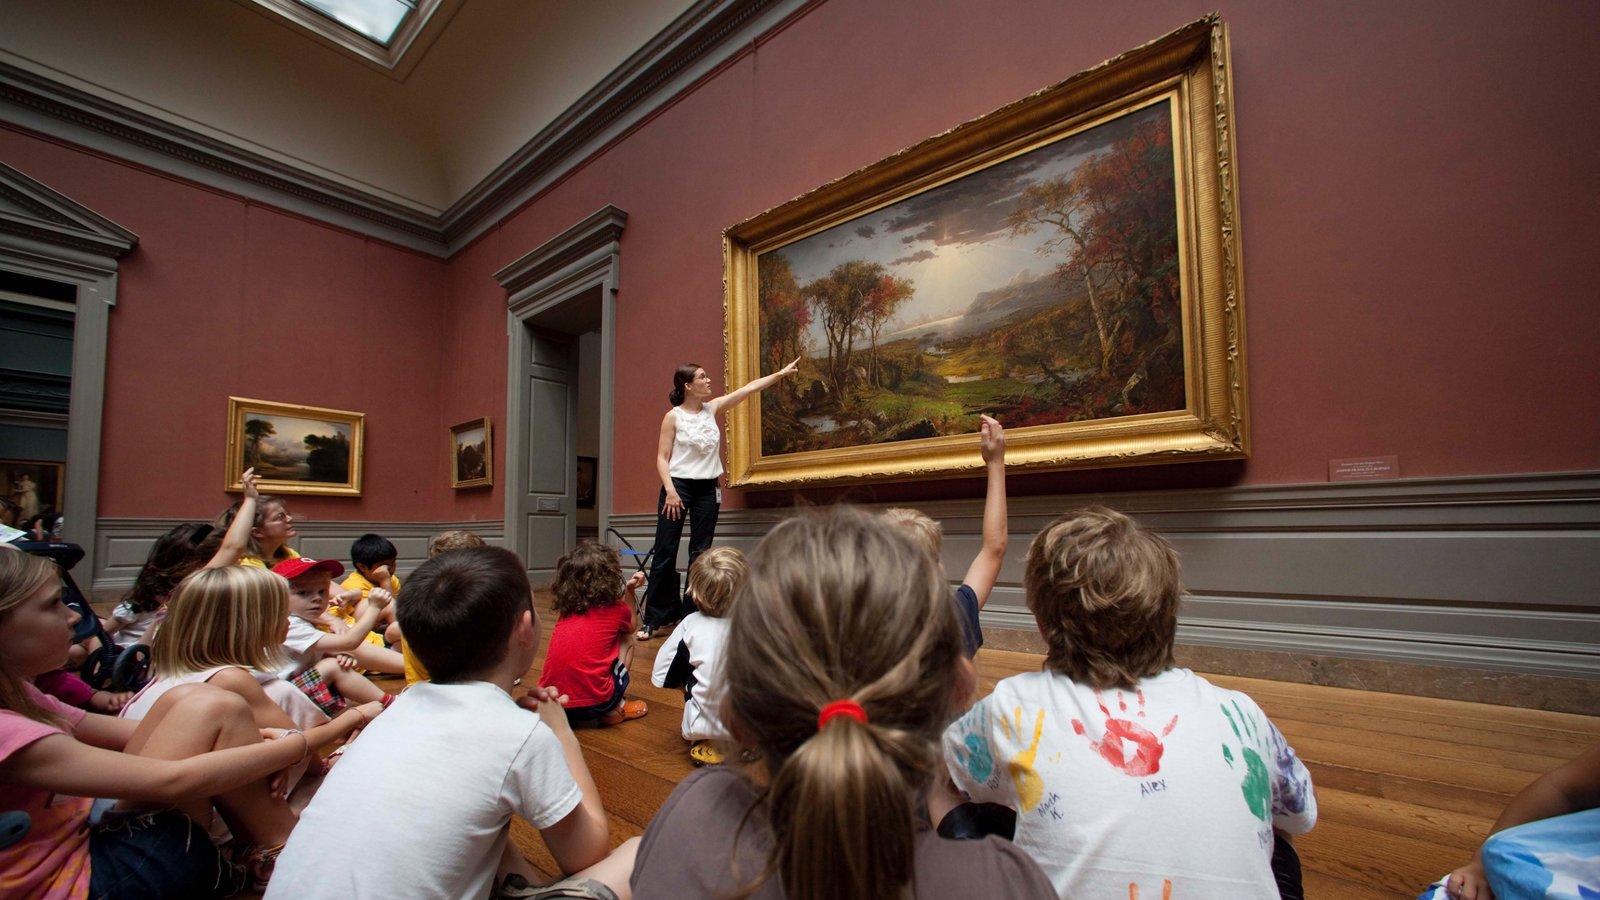 National Gallery of Art caracterizando arte e vistas internas assim como crianças